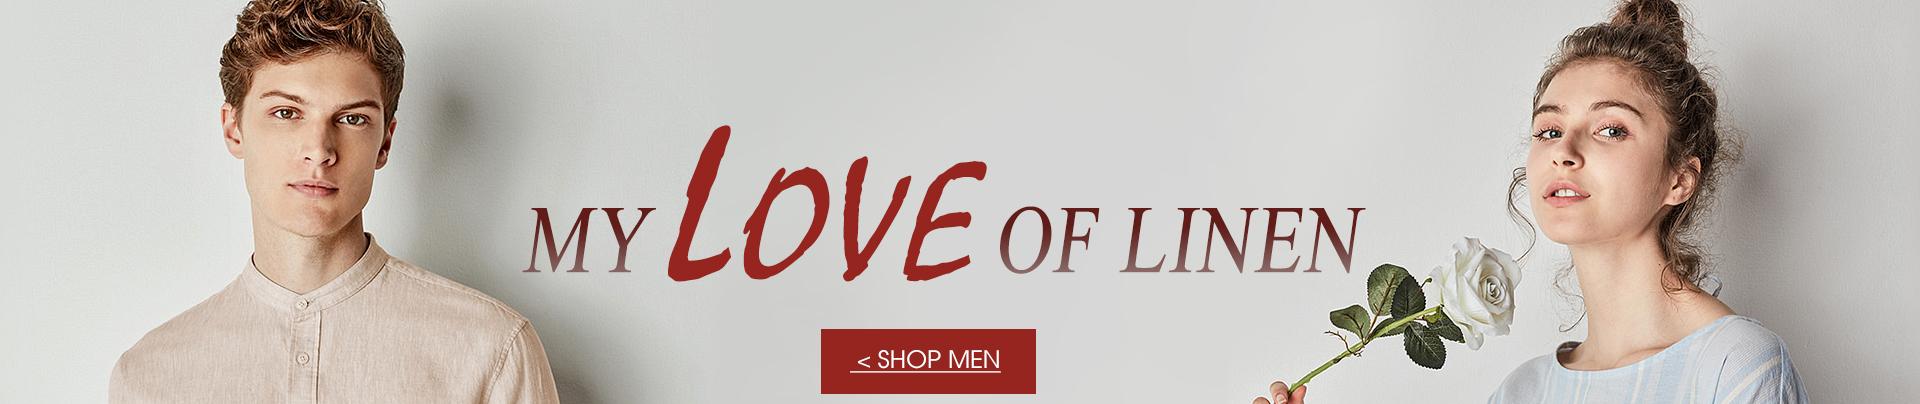 Men's linen collection